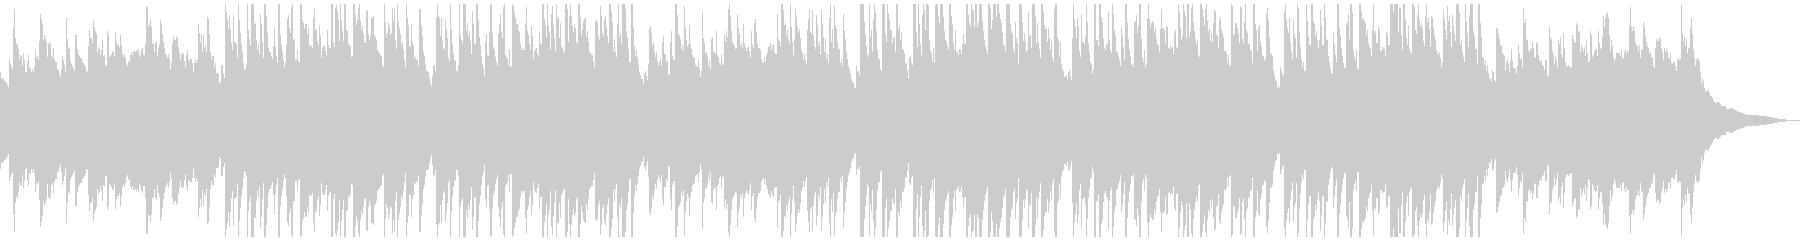 ゆったりしたピアノと鉄琴の曲です。の未再生の波形